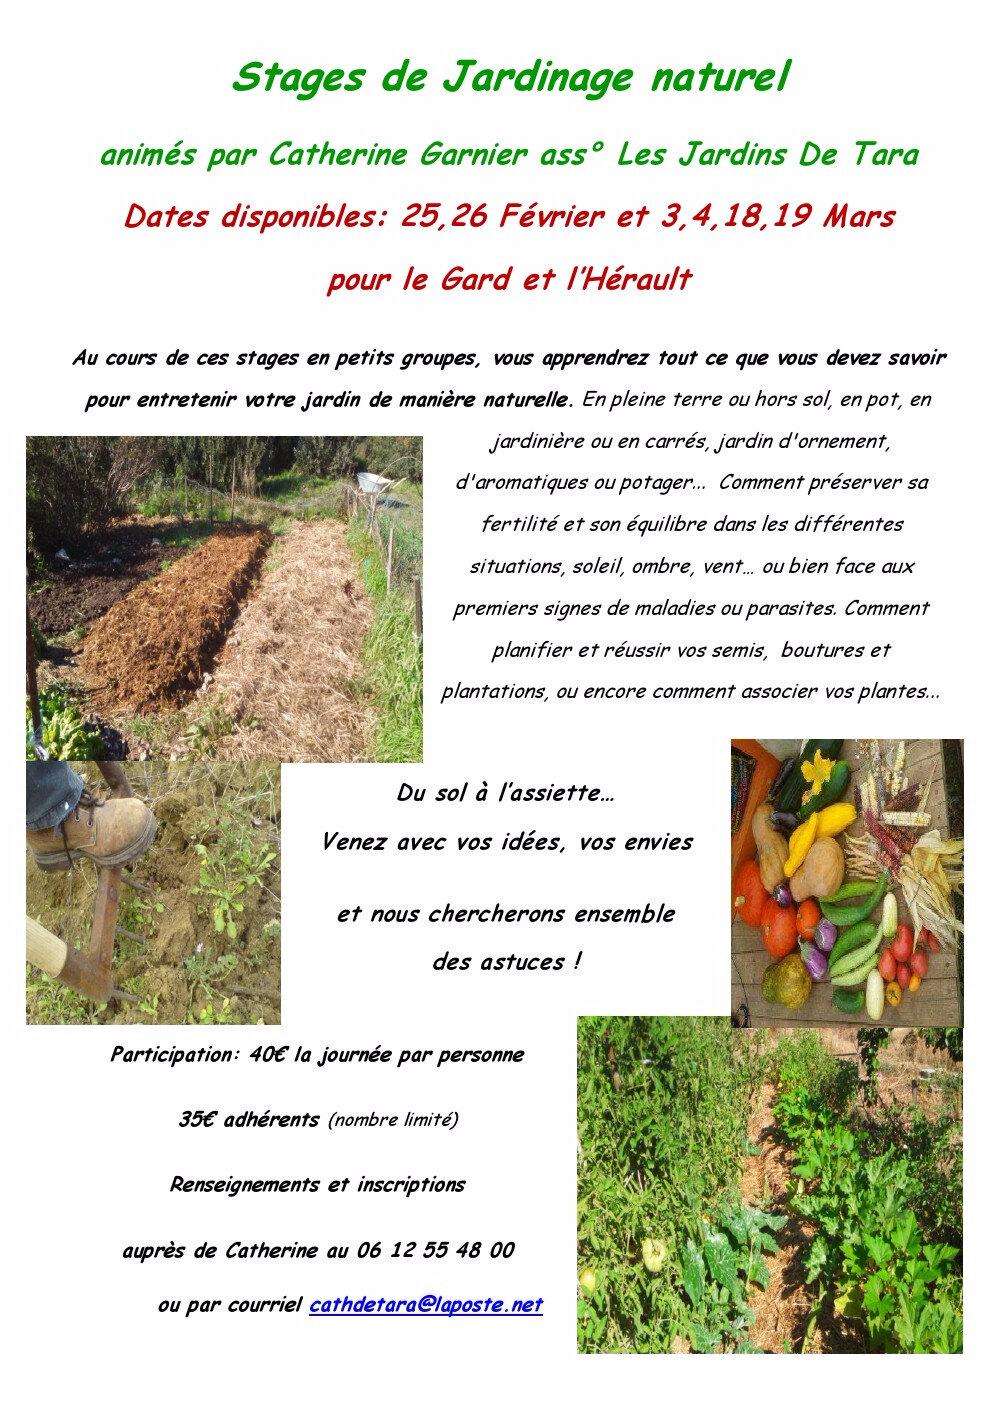 Réservez votre place pour un prochain stage de jardinage naturel avec Les Jardins De Tara !